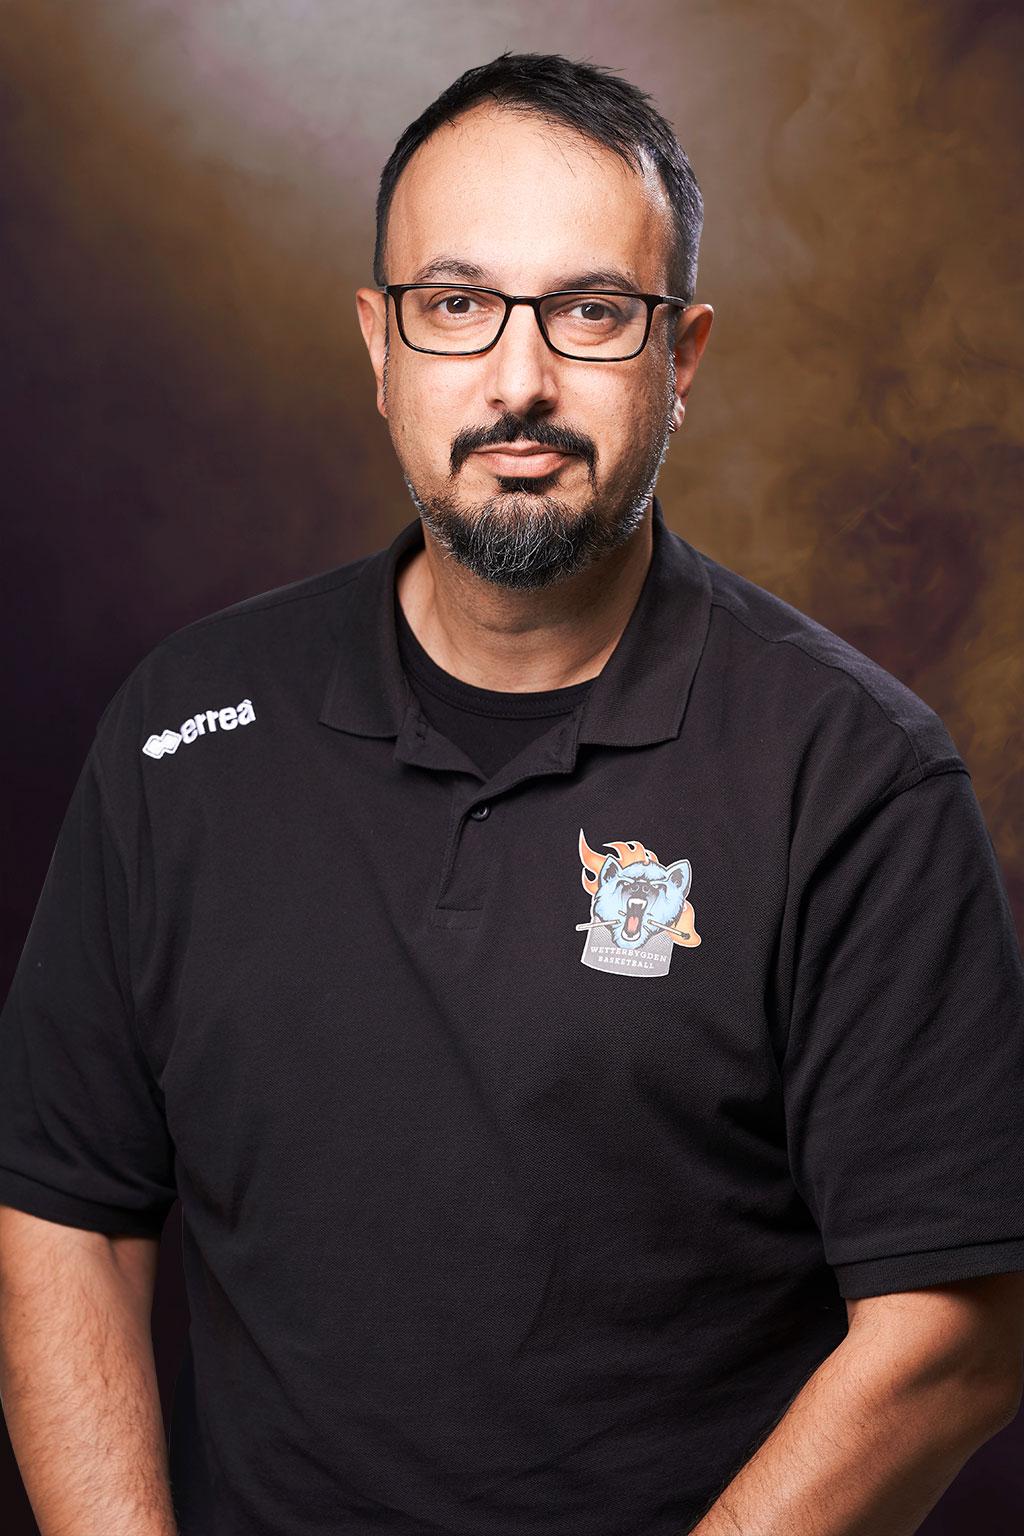 Houman Ebrahimi